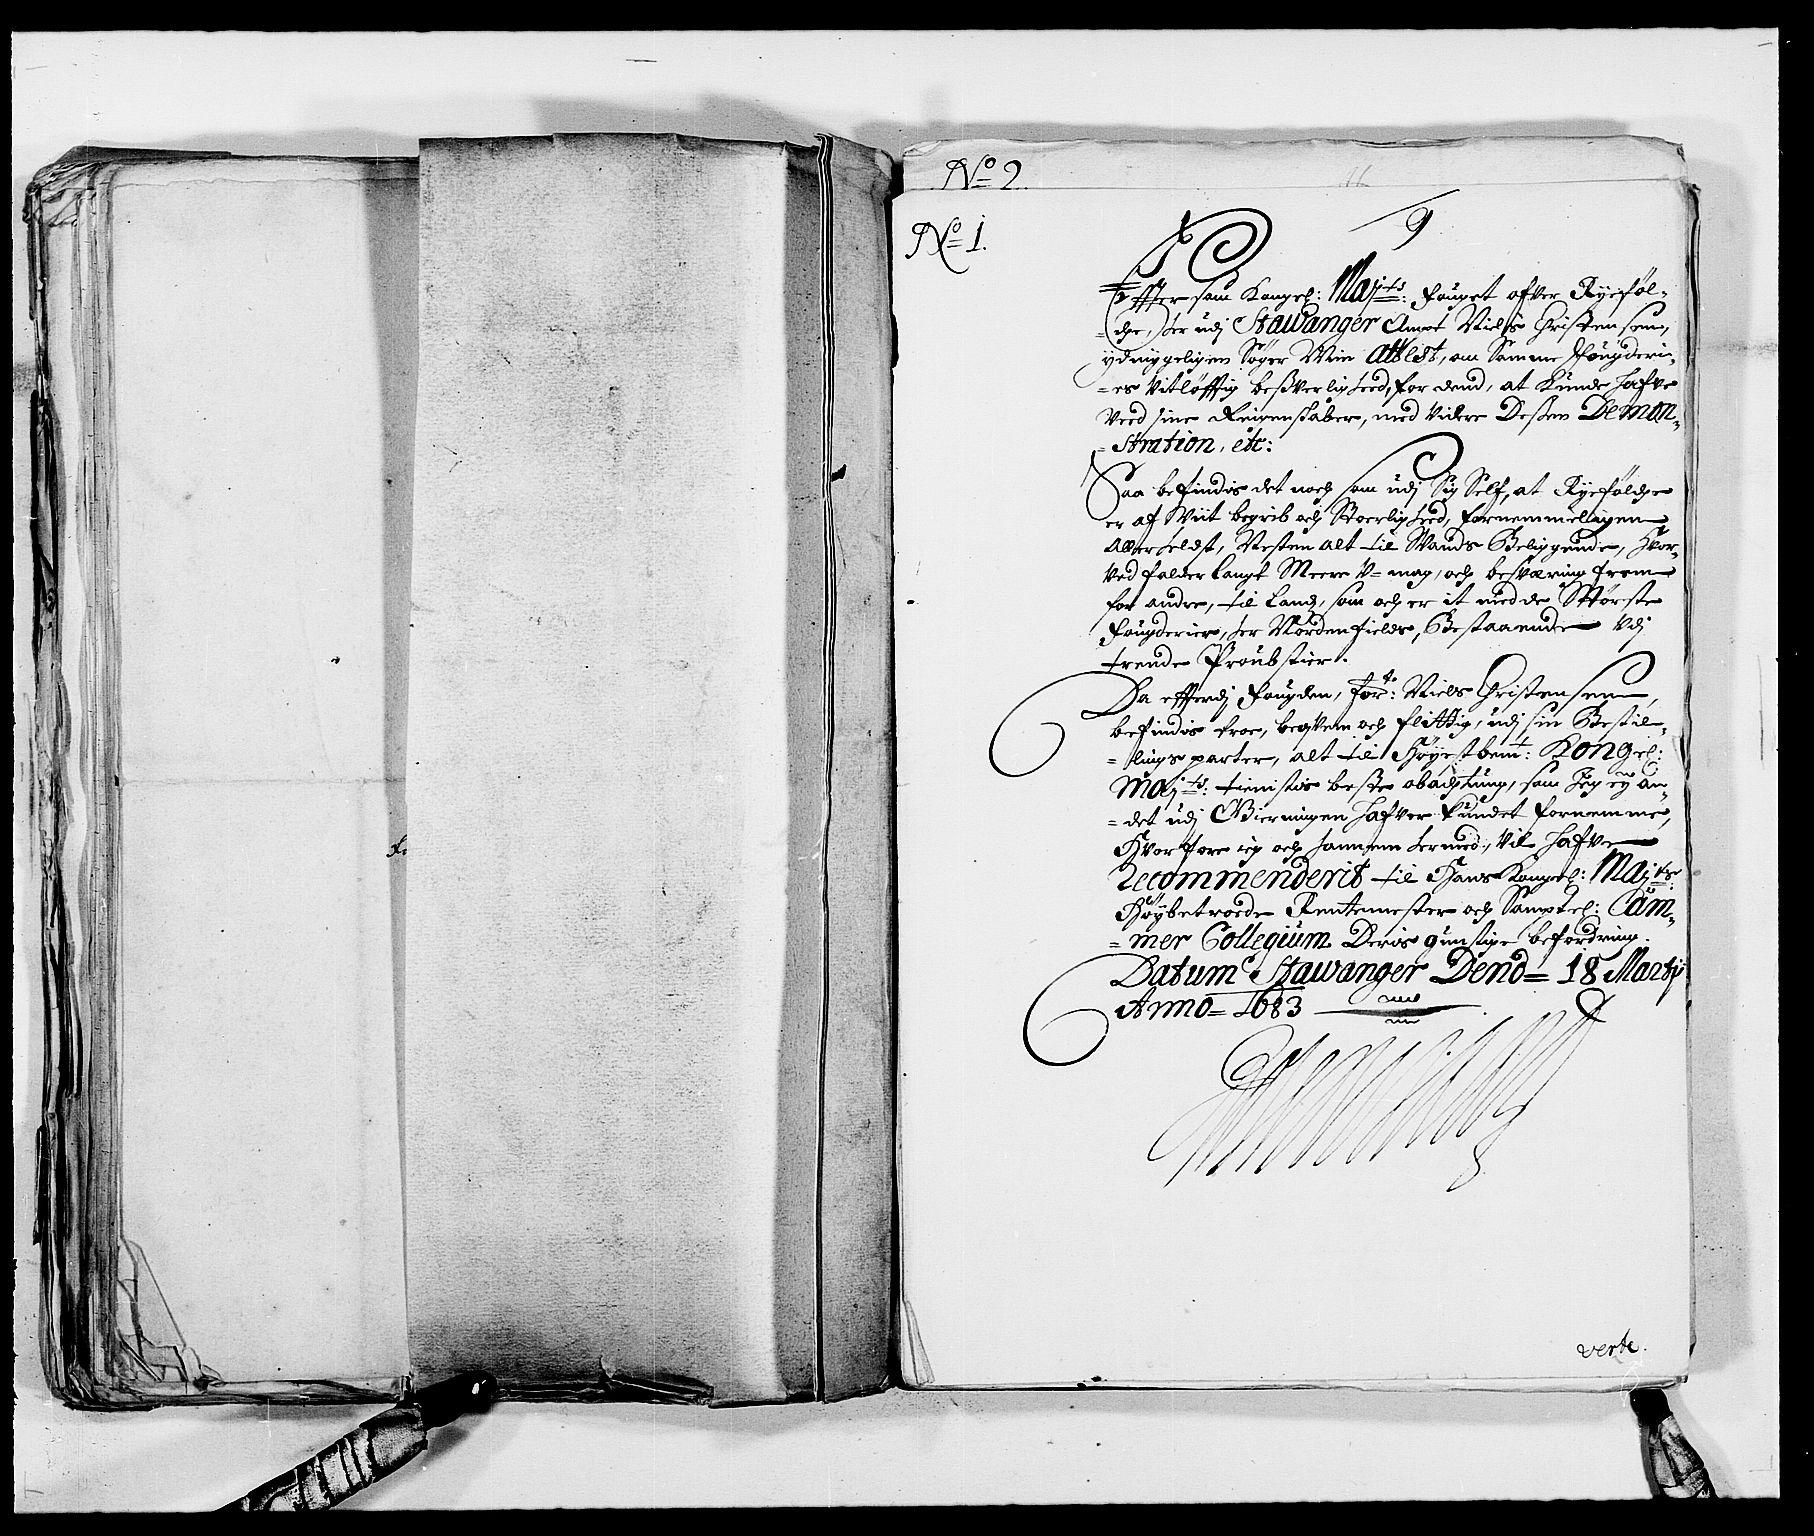 RA, Rentekammeret inntil 1814, Reviderte regnskaper, Fogderegnskap, R47/L2851: Fogderegnskap Ryfylke, 1680, s. 92